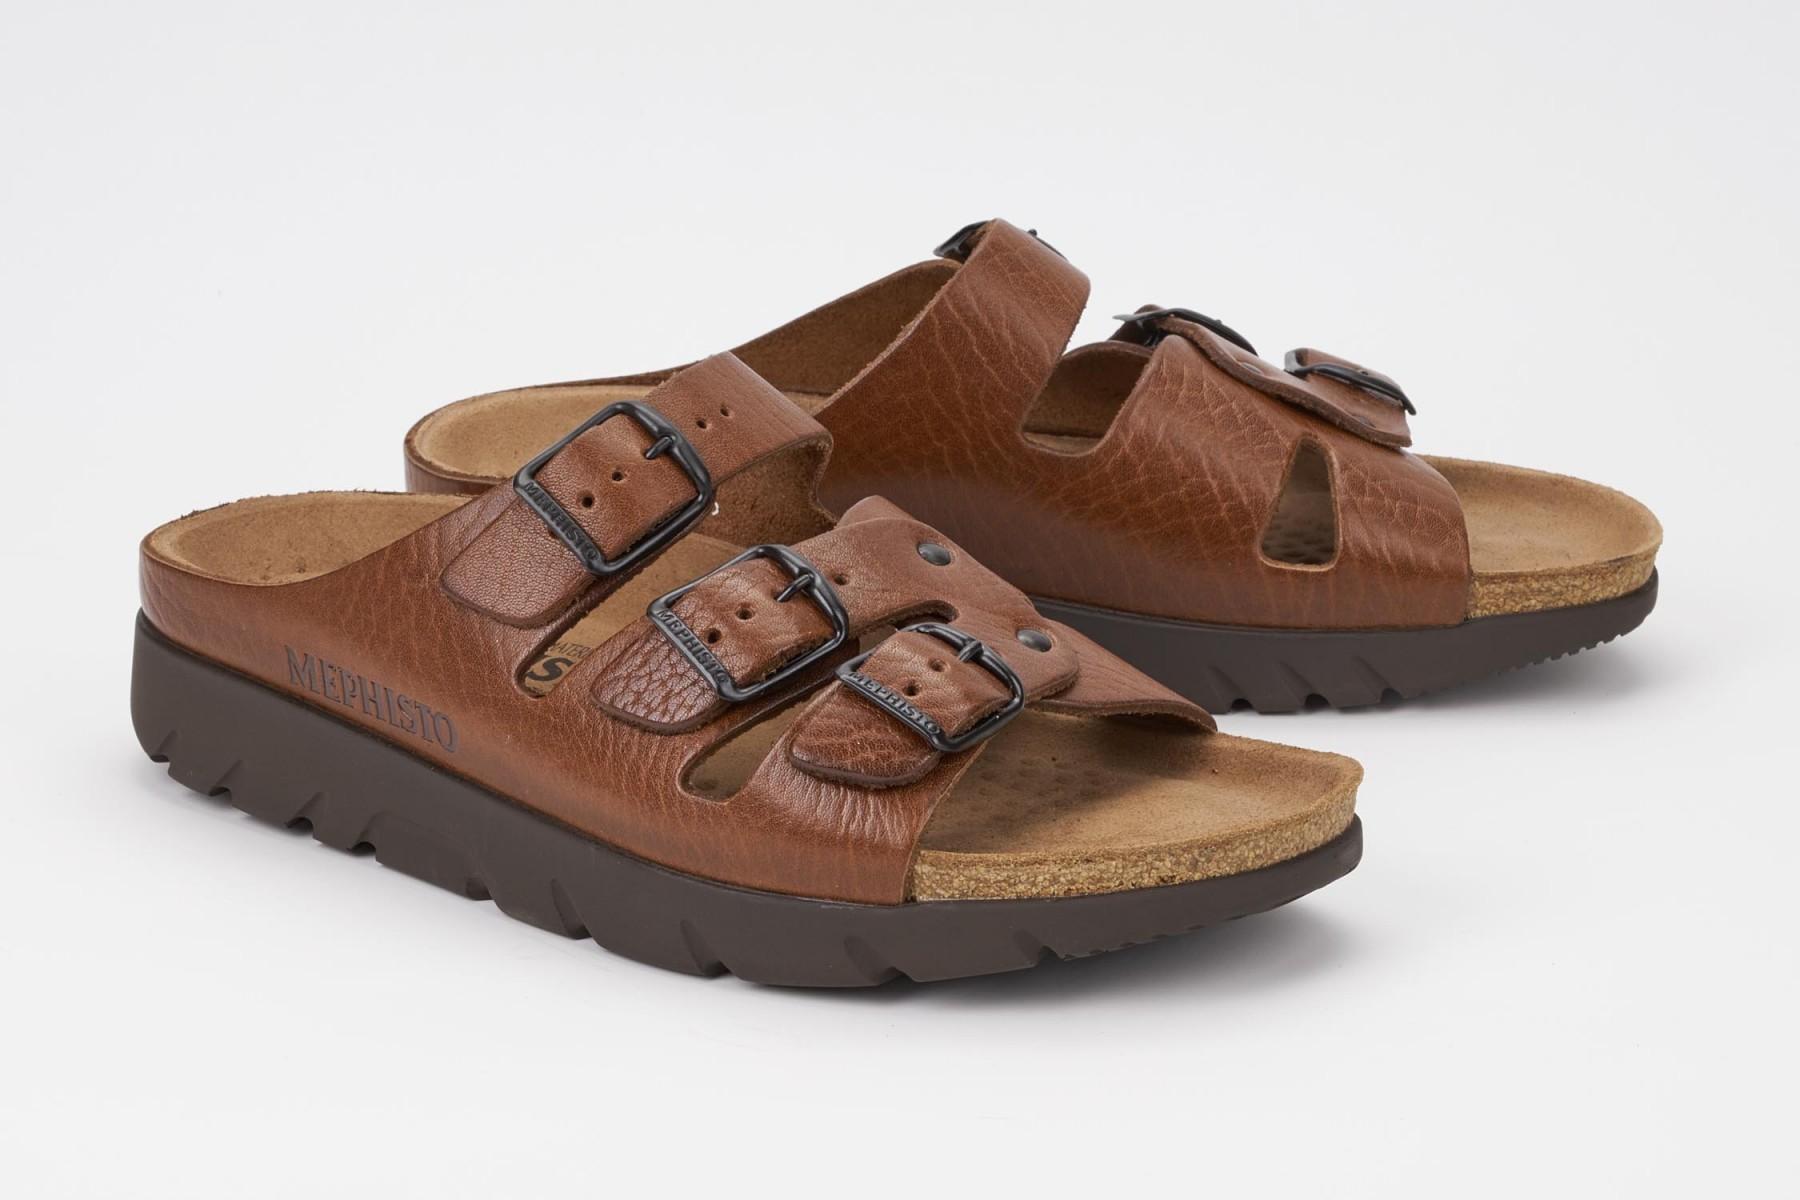 Mephisto Men's ZACH Sandals 1